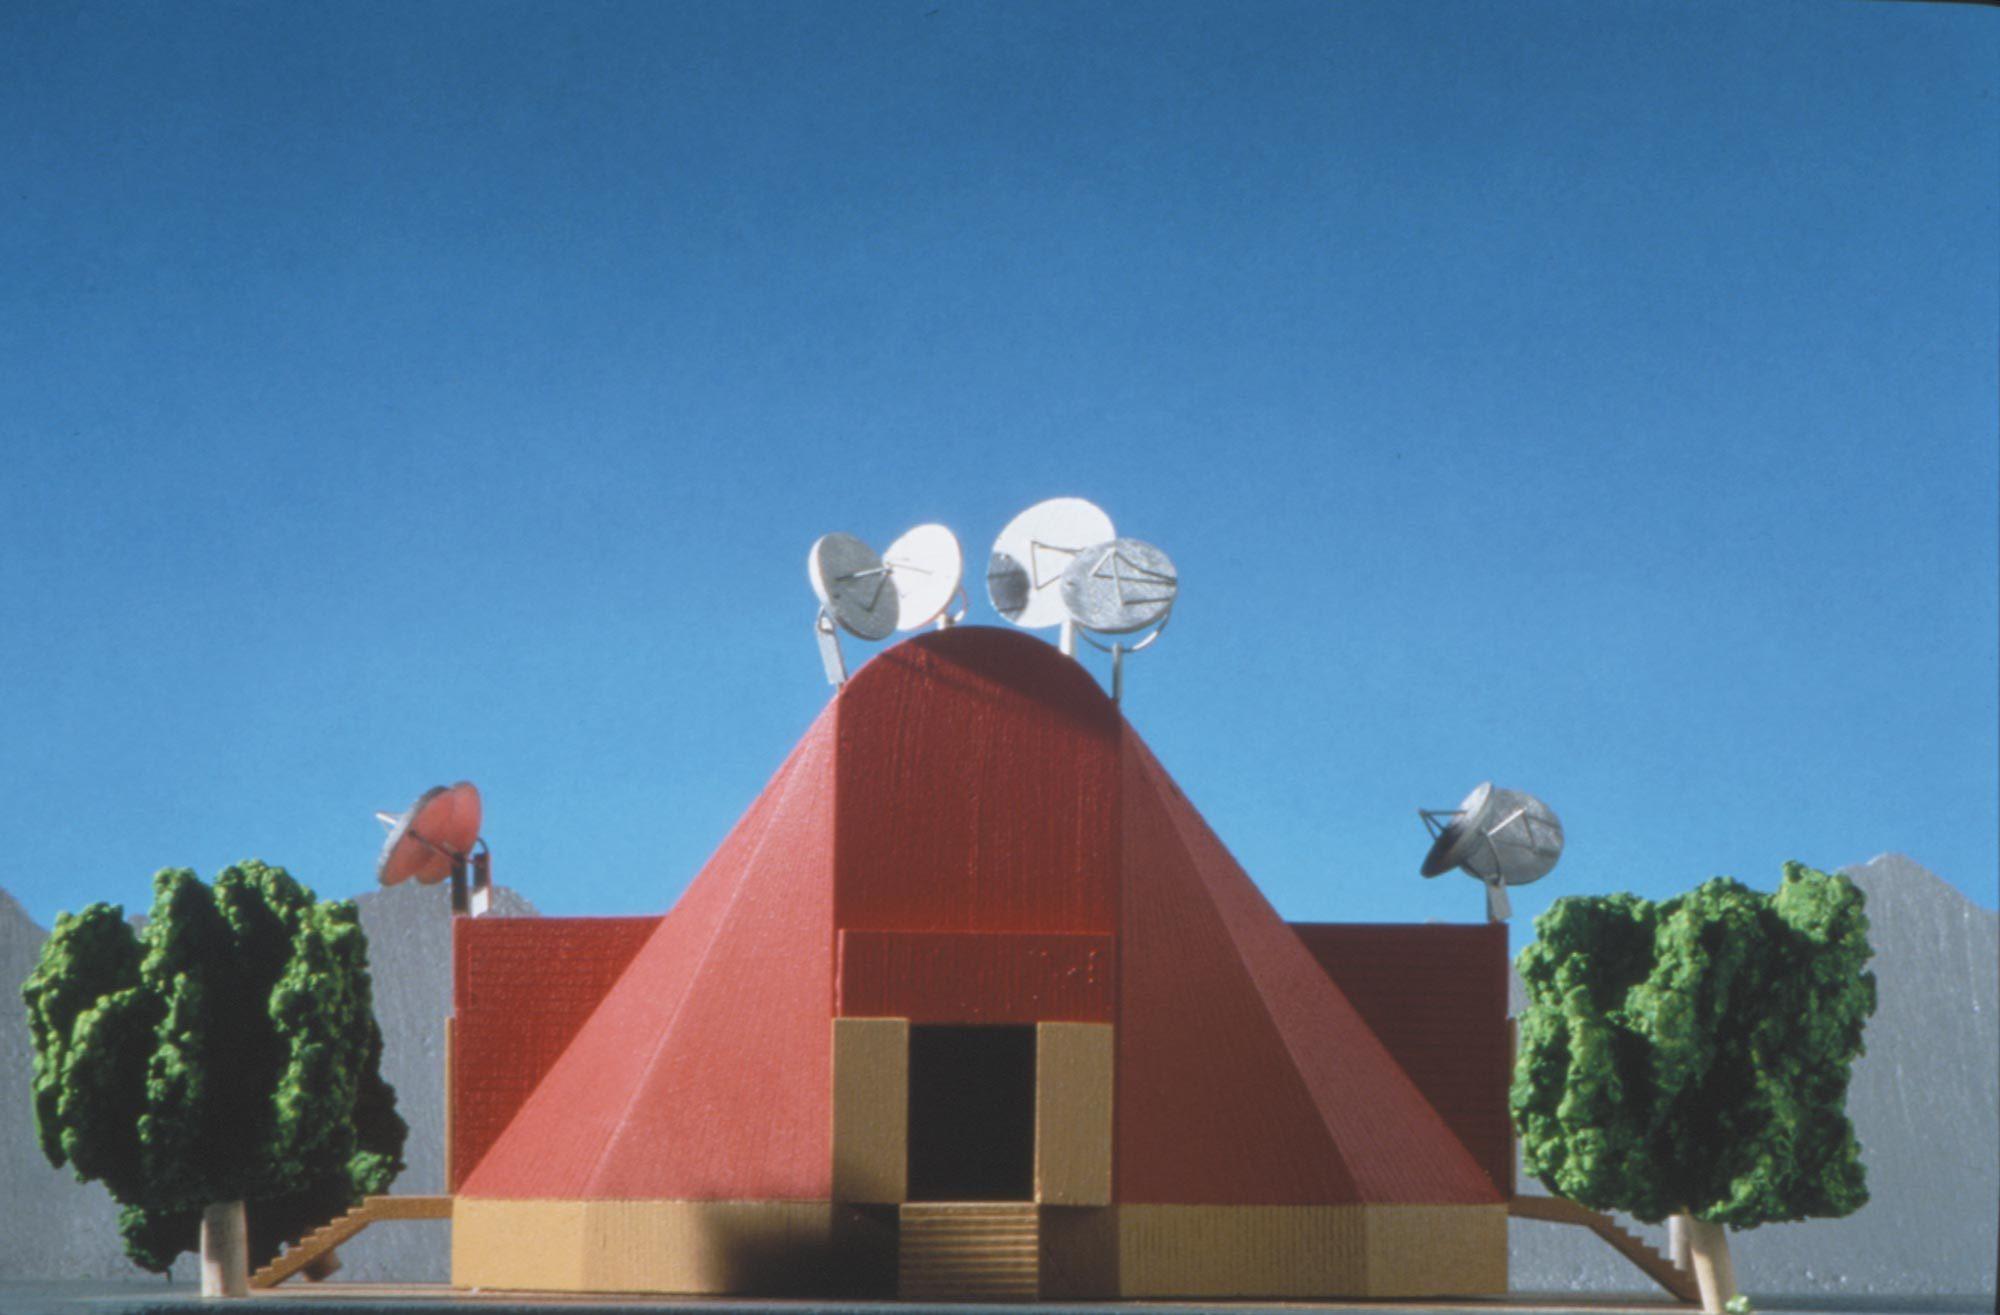 Festival Office von Michele de Lucchi aus dem Jahr 1994: Die Menschen sind ausgelaugt und erschöpft von ihrer Arbeit. De Lucchi hatte die Idee, den Arbeitsplatz in Form von zirkuszeltartigen Strukturen temporär an die schönsten Orte der Welt zu bringen. Dort sollte die Leute Kraft schöpfen. Foto: Federico Brunetti